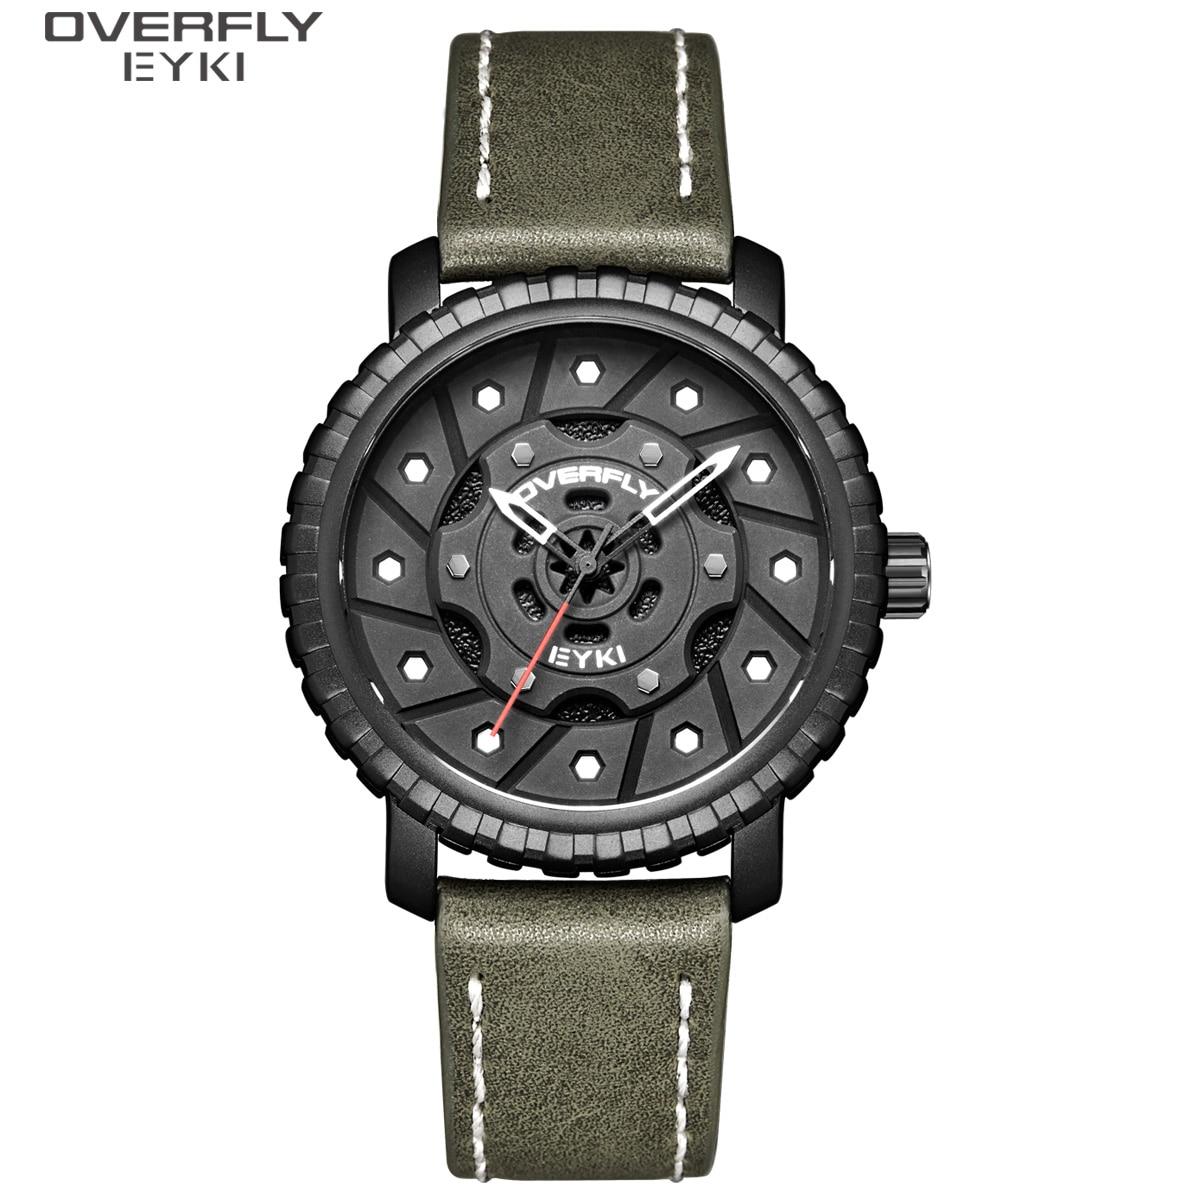 Relógios de Quartzo de Couro dos Homens Relógio de Pulso Eyki Pneus Criativos Dial Design Homem Relógio Masculino Moda Esporte Militar Montre Homme